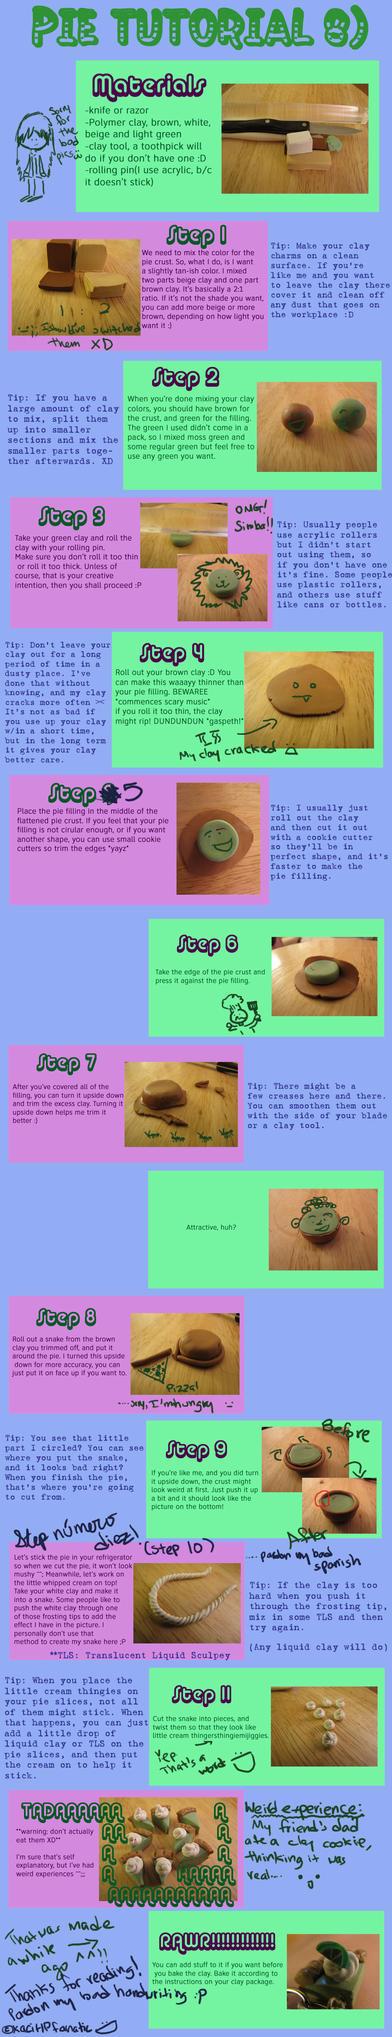 Pie Tutorial by KaciHPfanatic